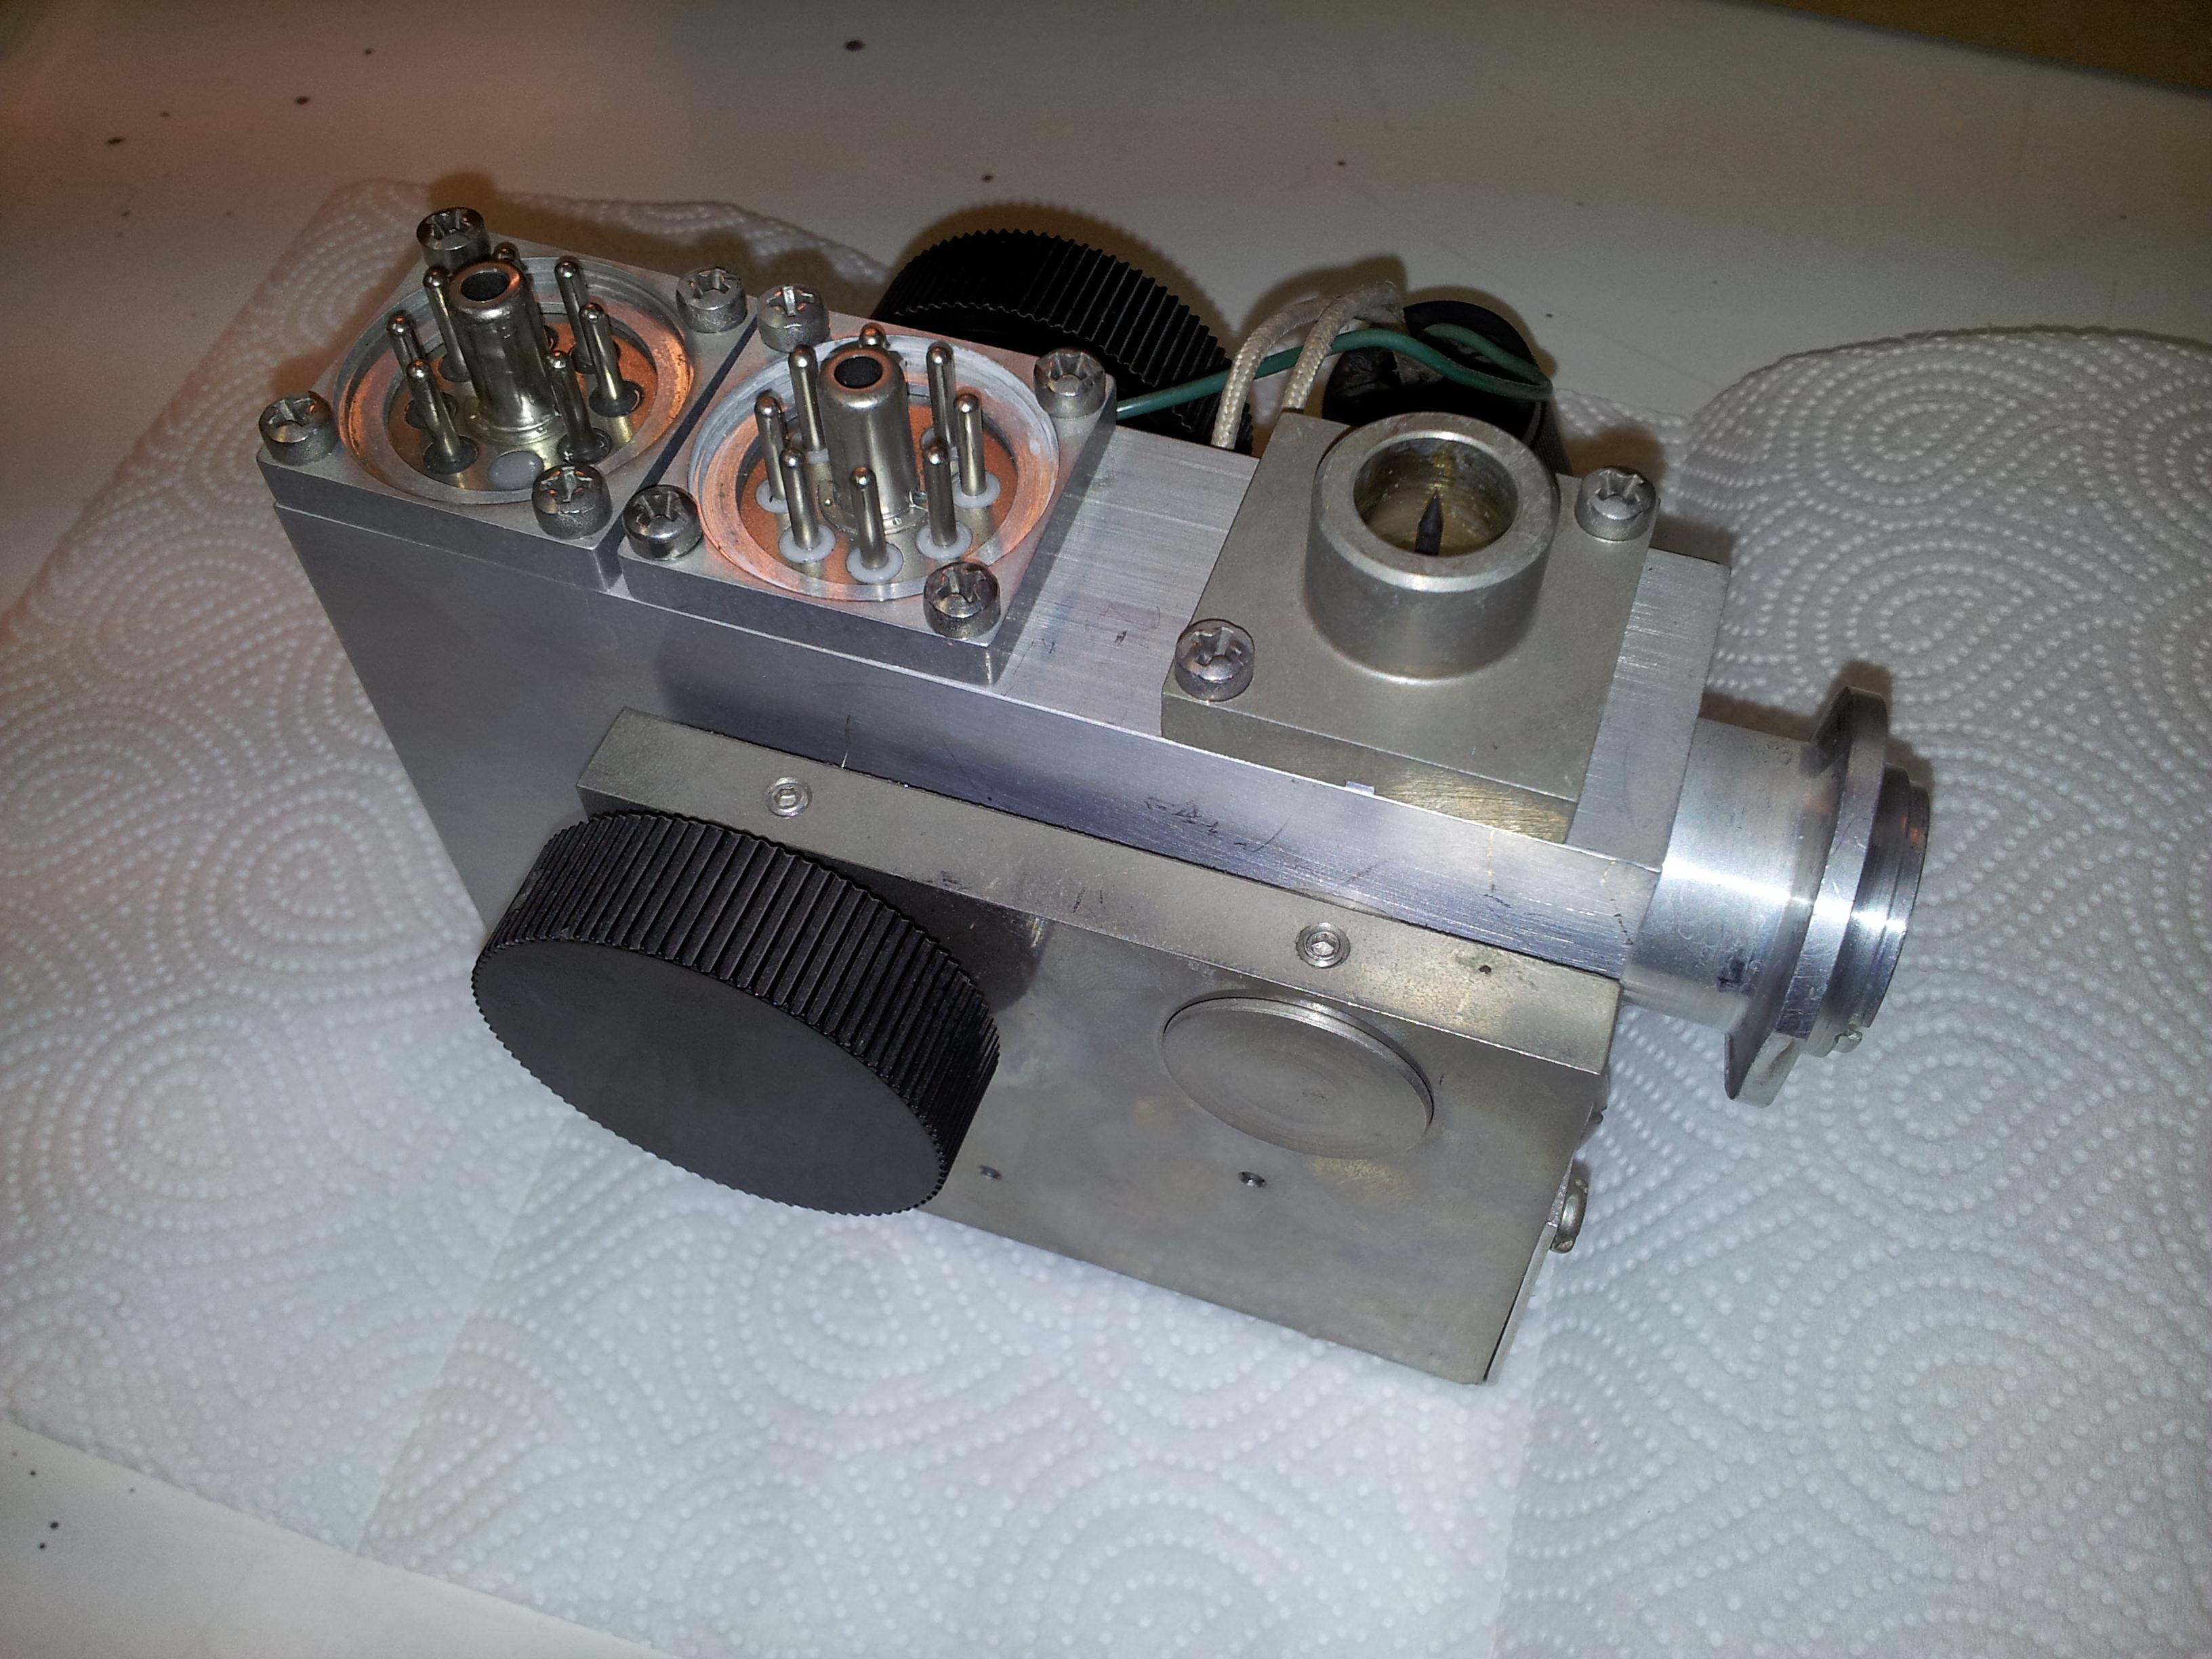 Hmotnostní spektrometr před rozebráním.